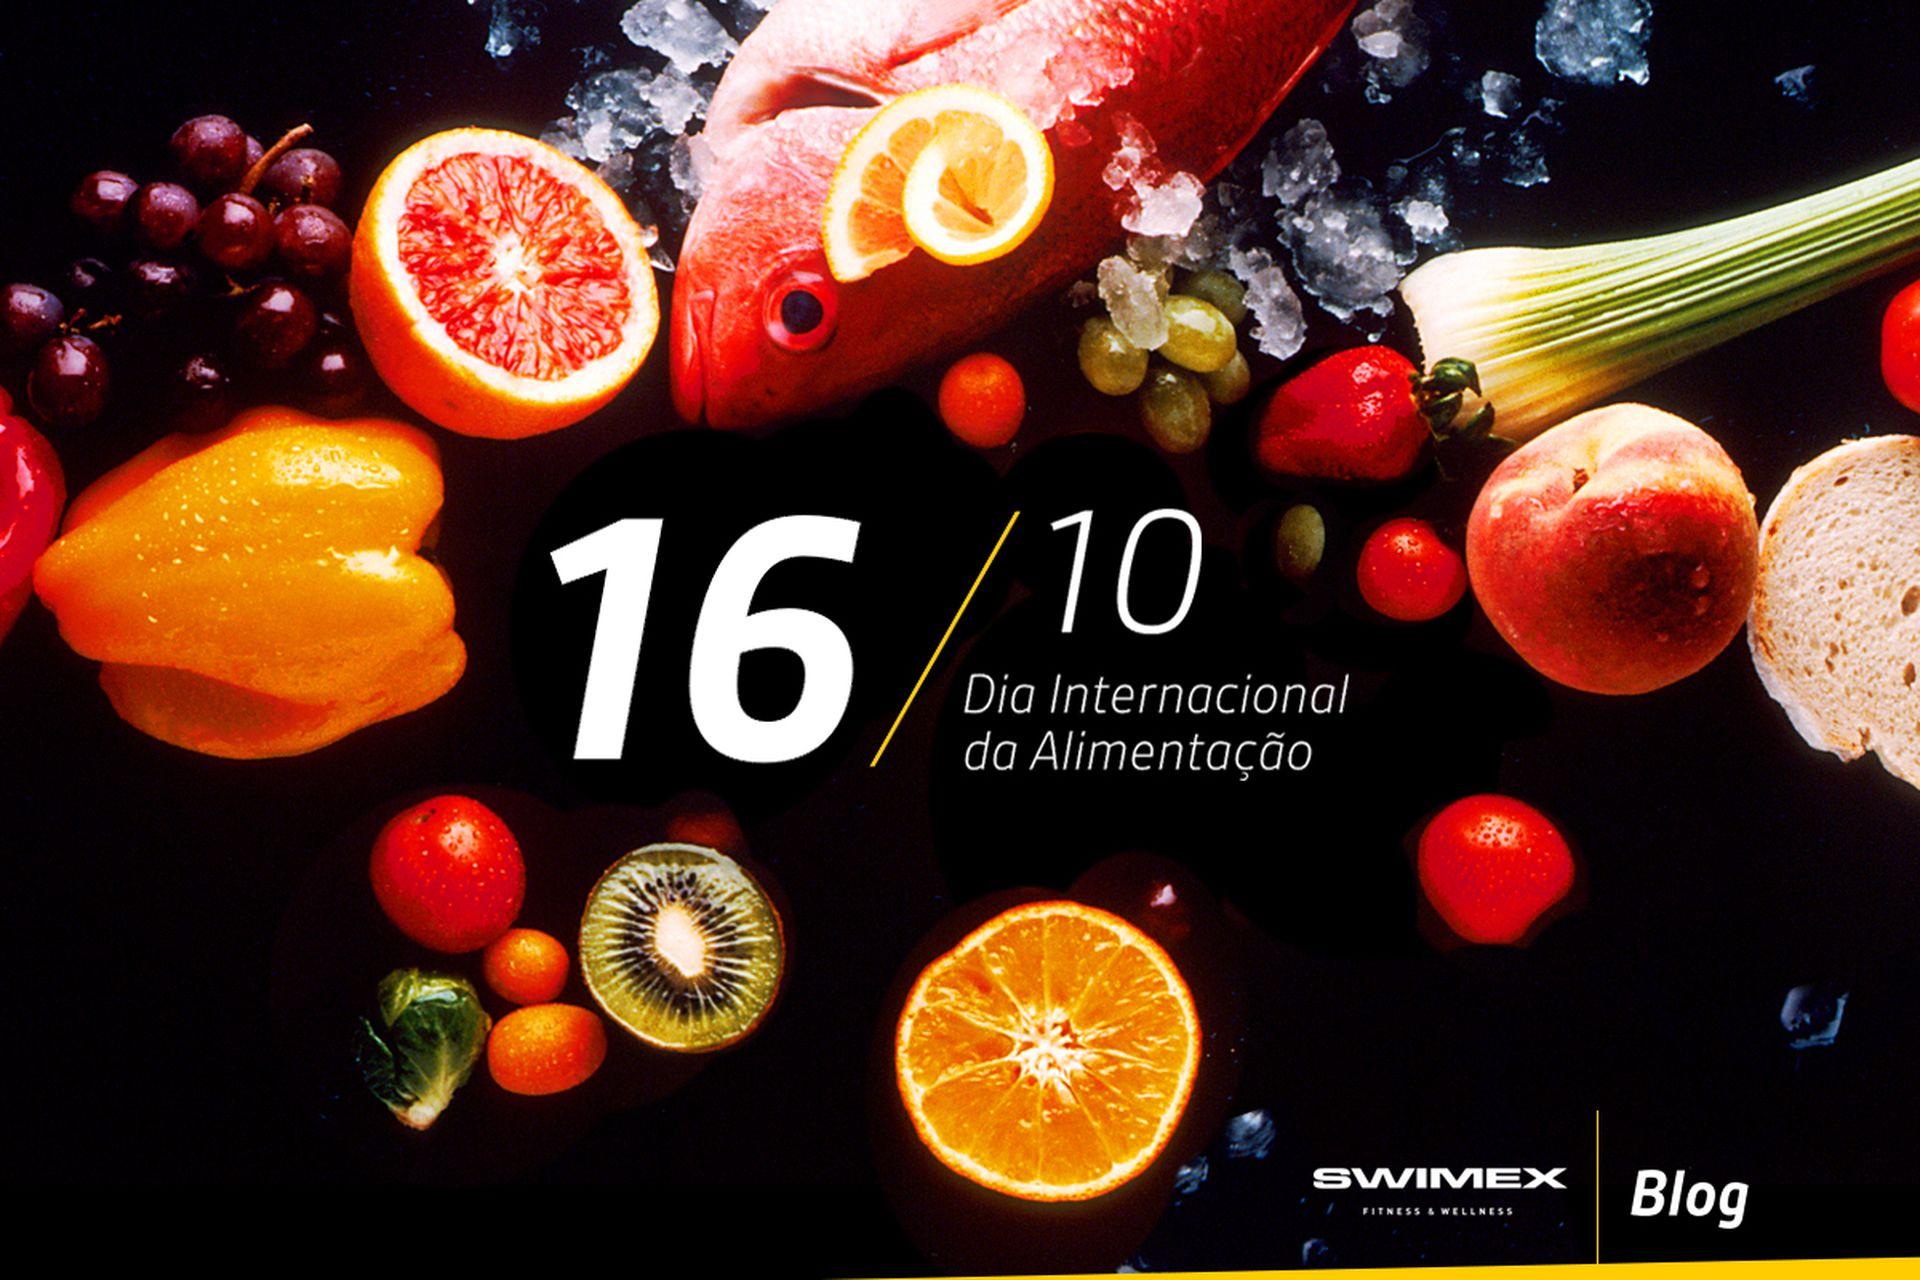 Blog SWIMEX | Dia Internacional da Alimentação